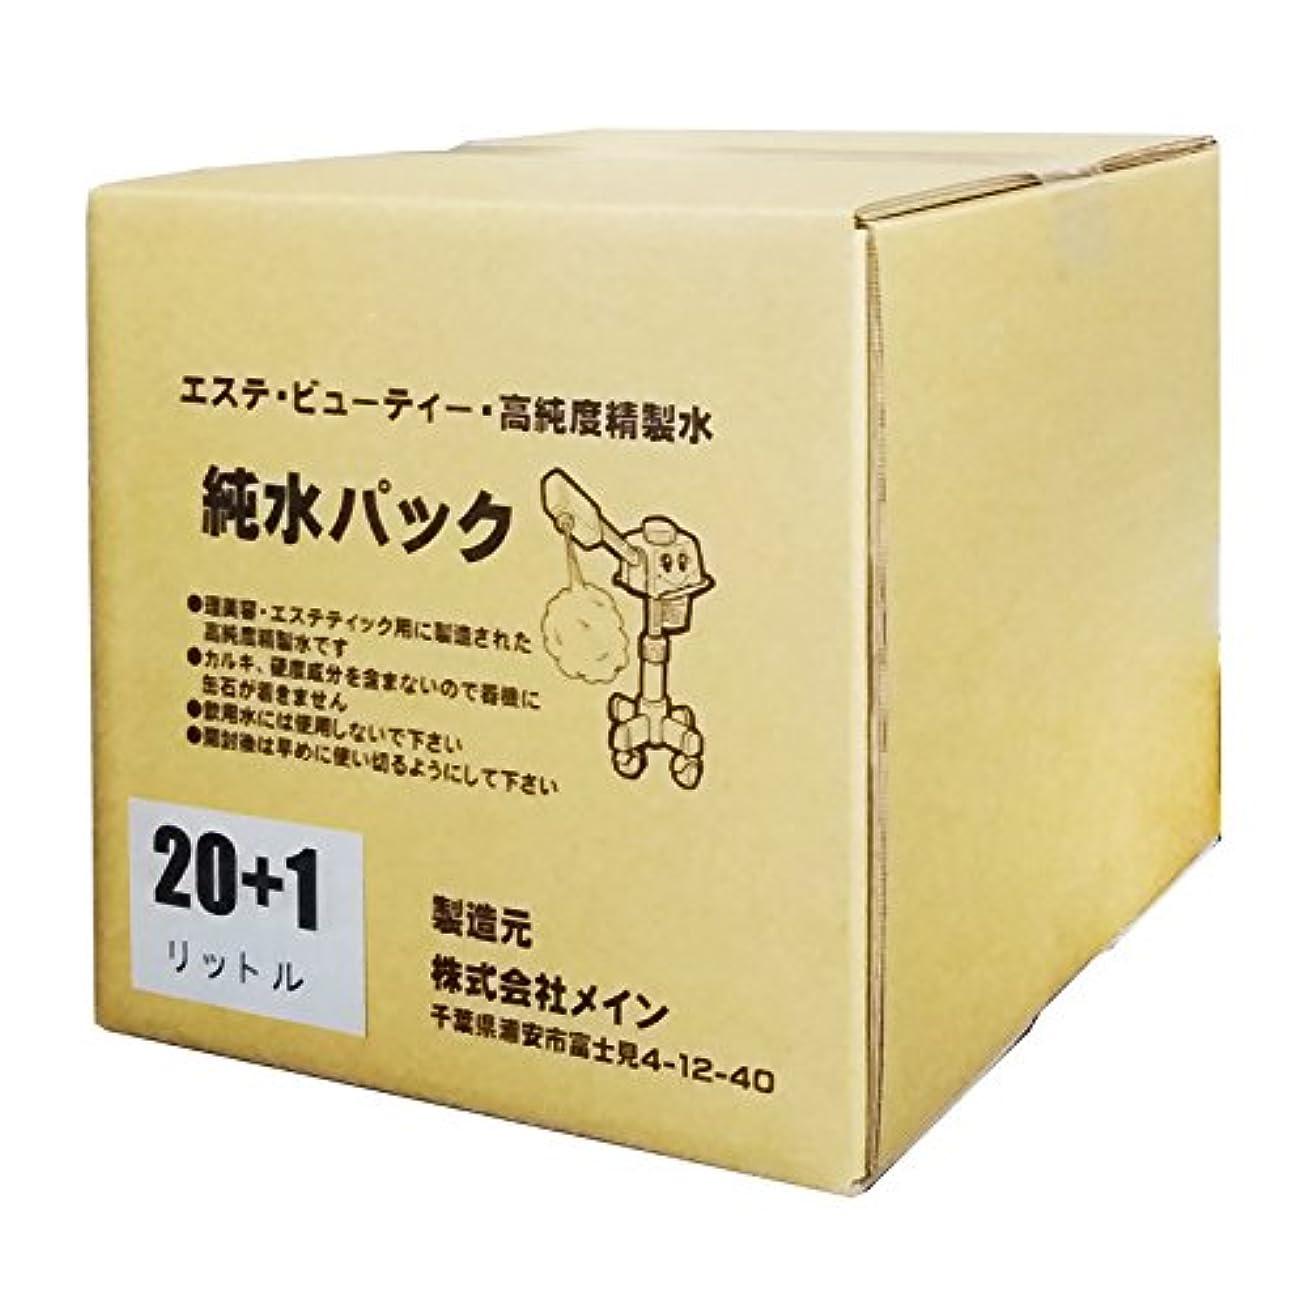 違反する寄り添うレジ増量中 21L 高純度 精製水 20 L + 1L 純水パック コック付 日本製 エステ スチーマー (1個) オートクレーブ 滅菌器